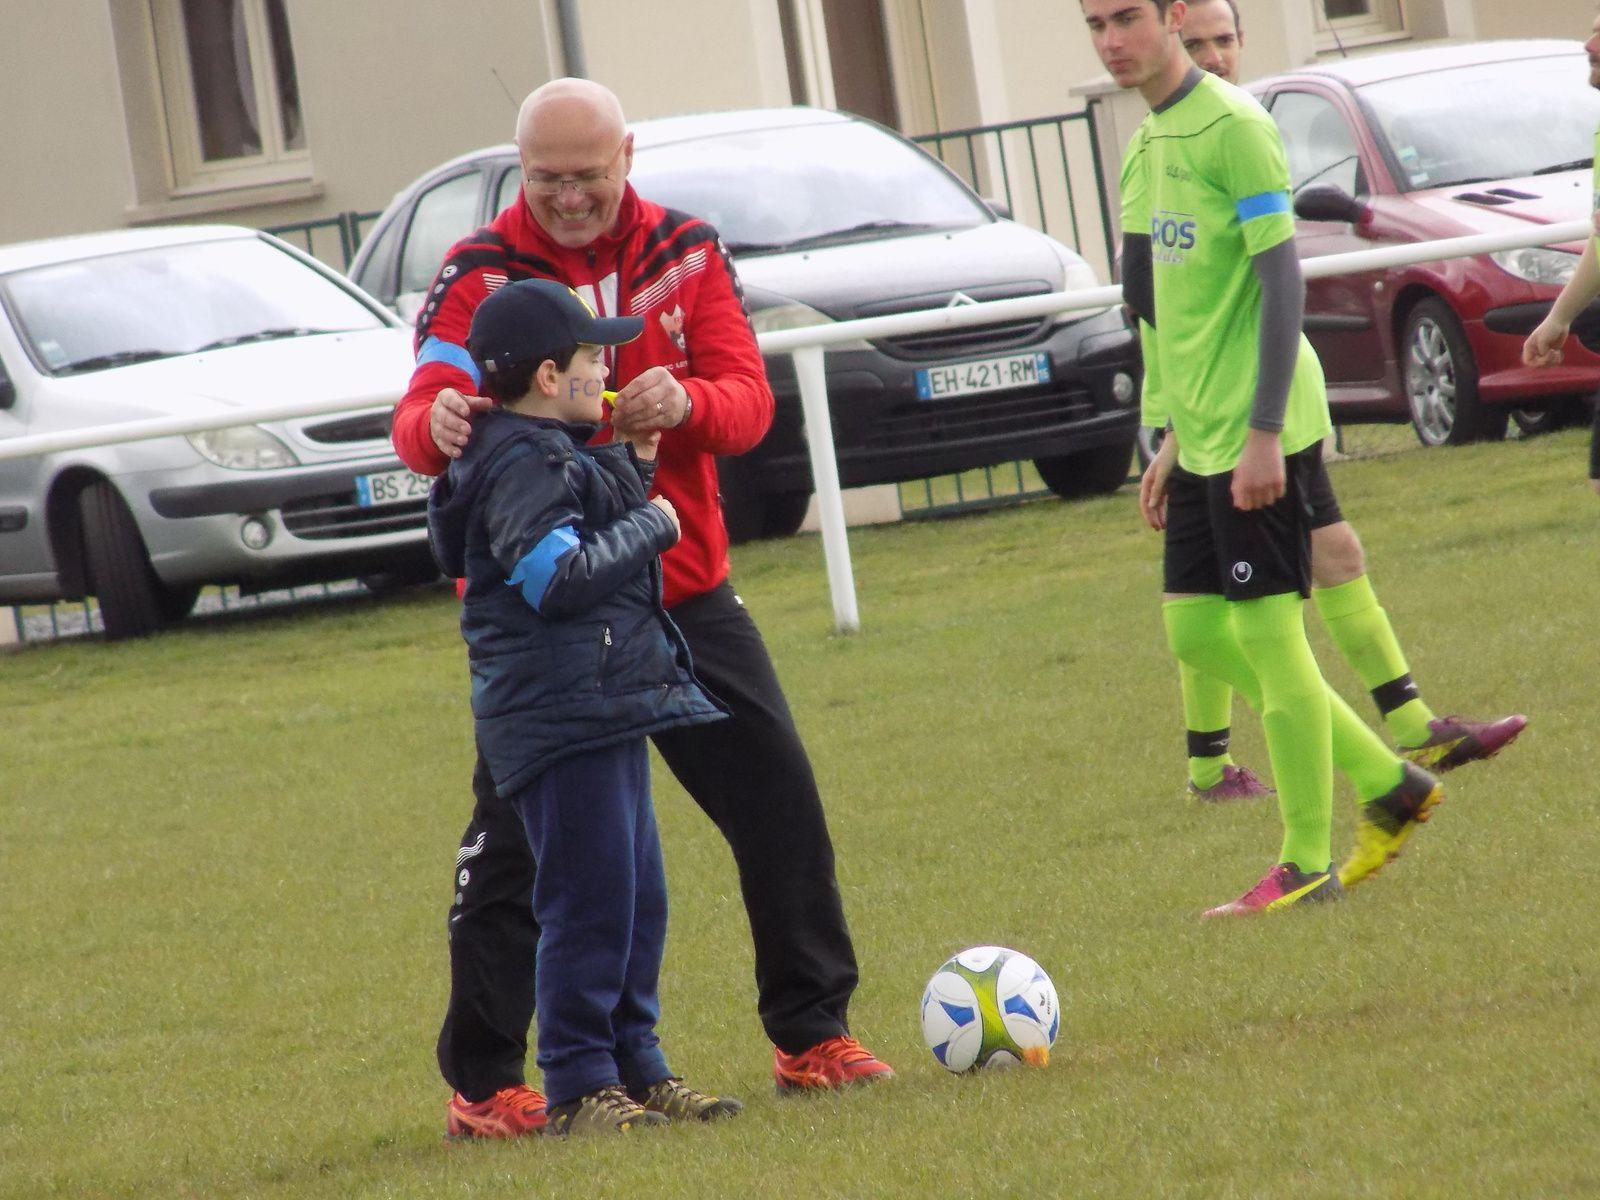 2 avril 2017 : sensibilisation à l'autisme organisée par le club de foot du village. MERCI A TOUS